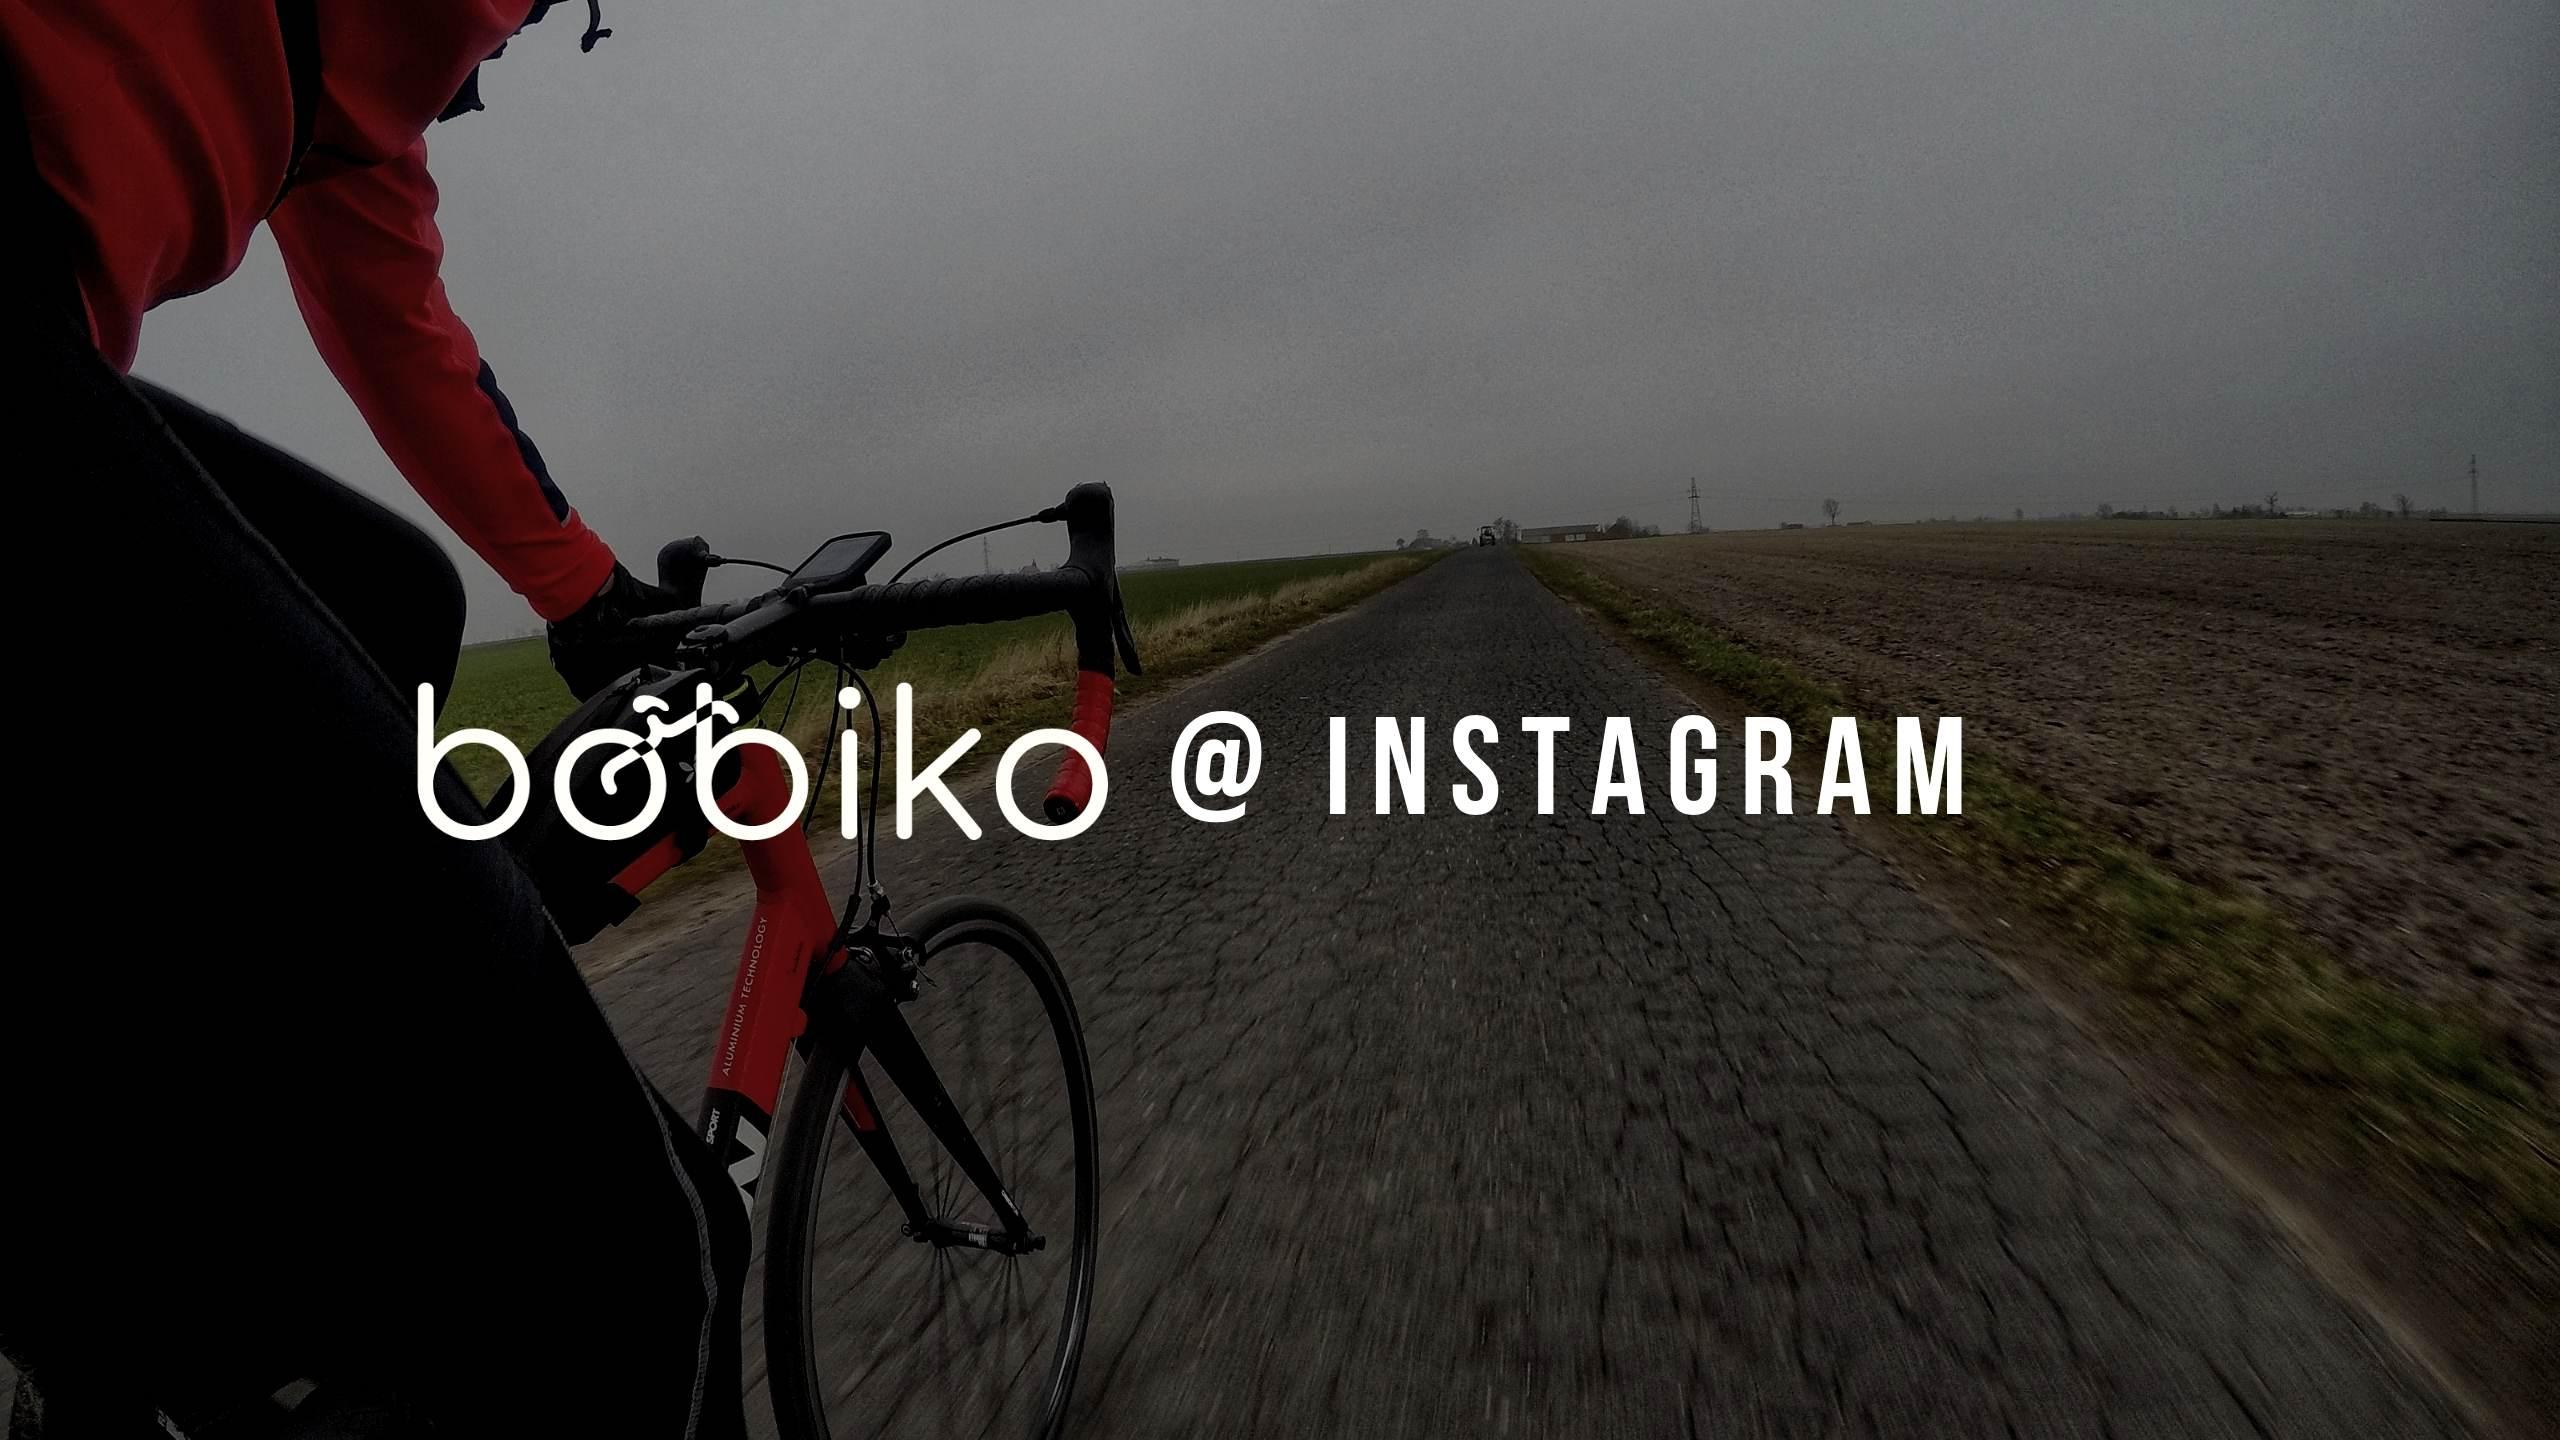 bobiko @ instagram